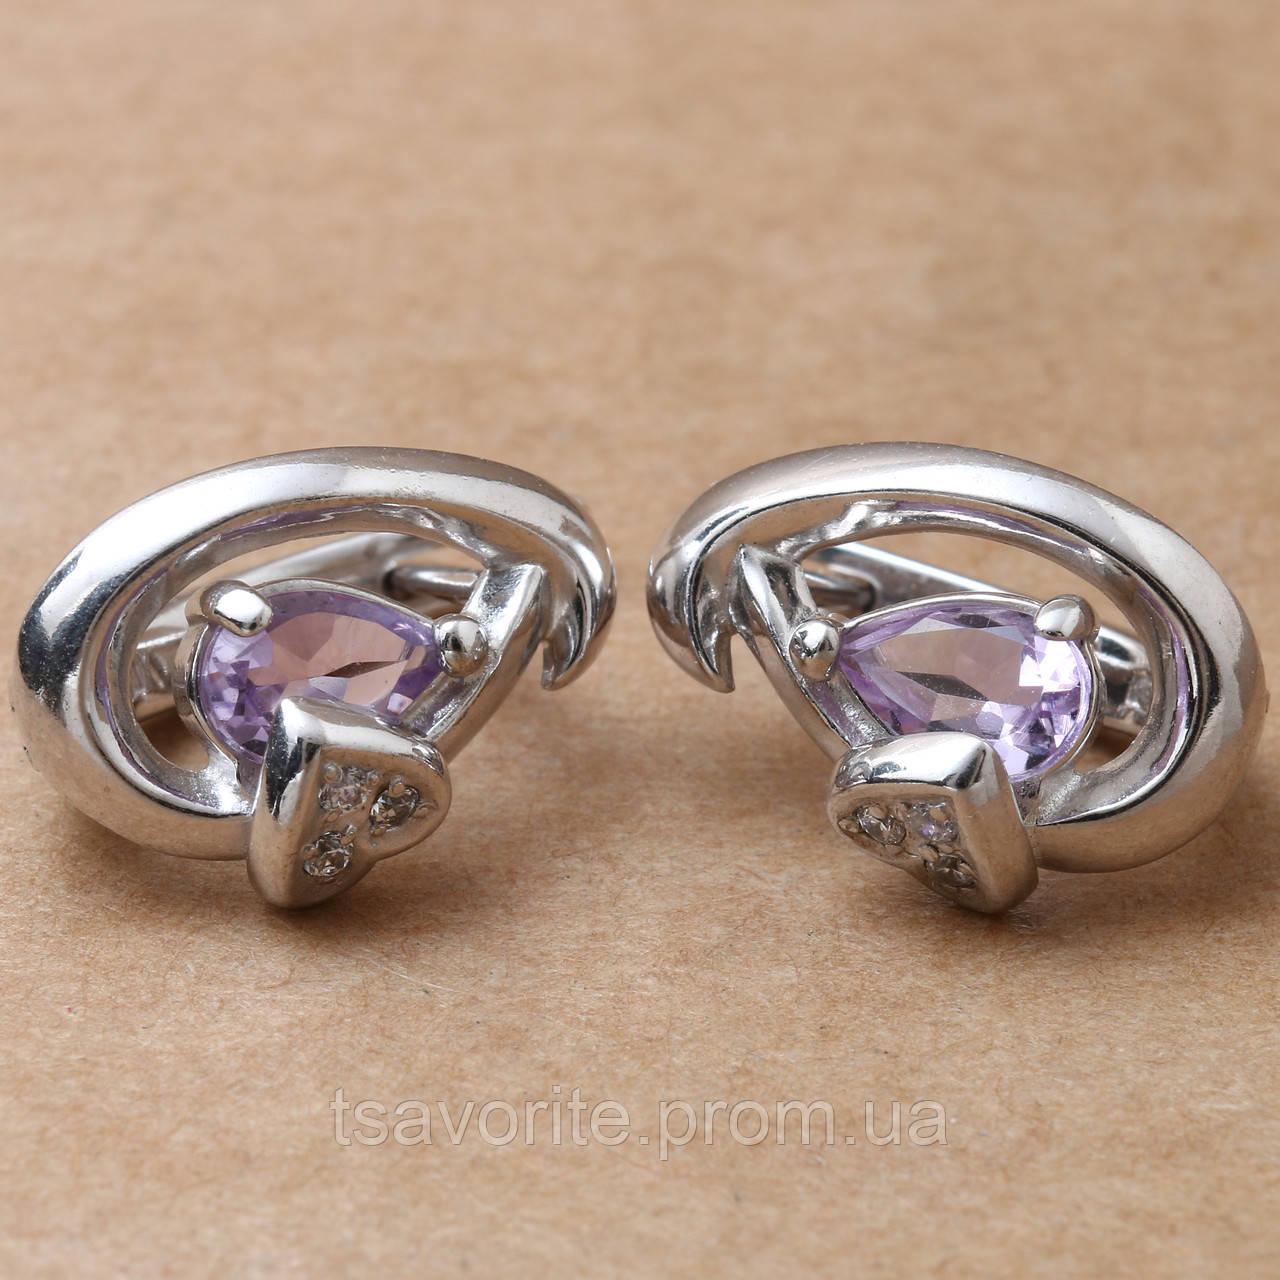 Серебряные серьги с аметистом СЖХ-49